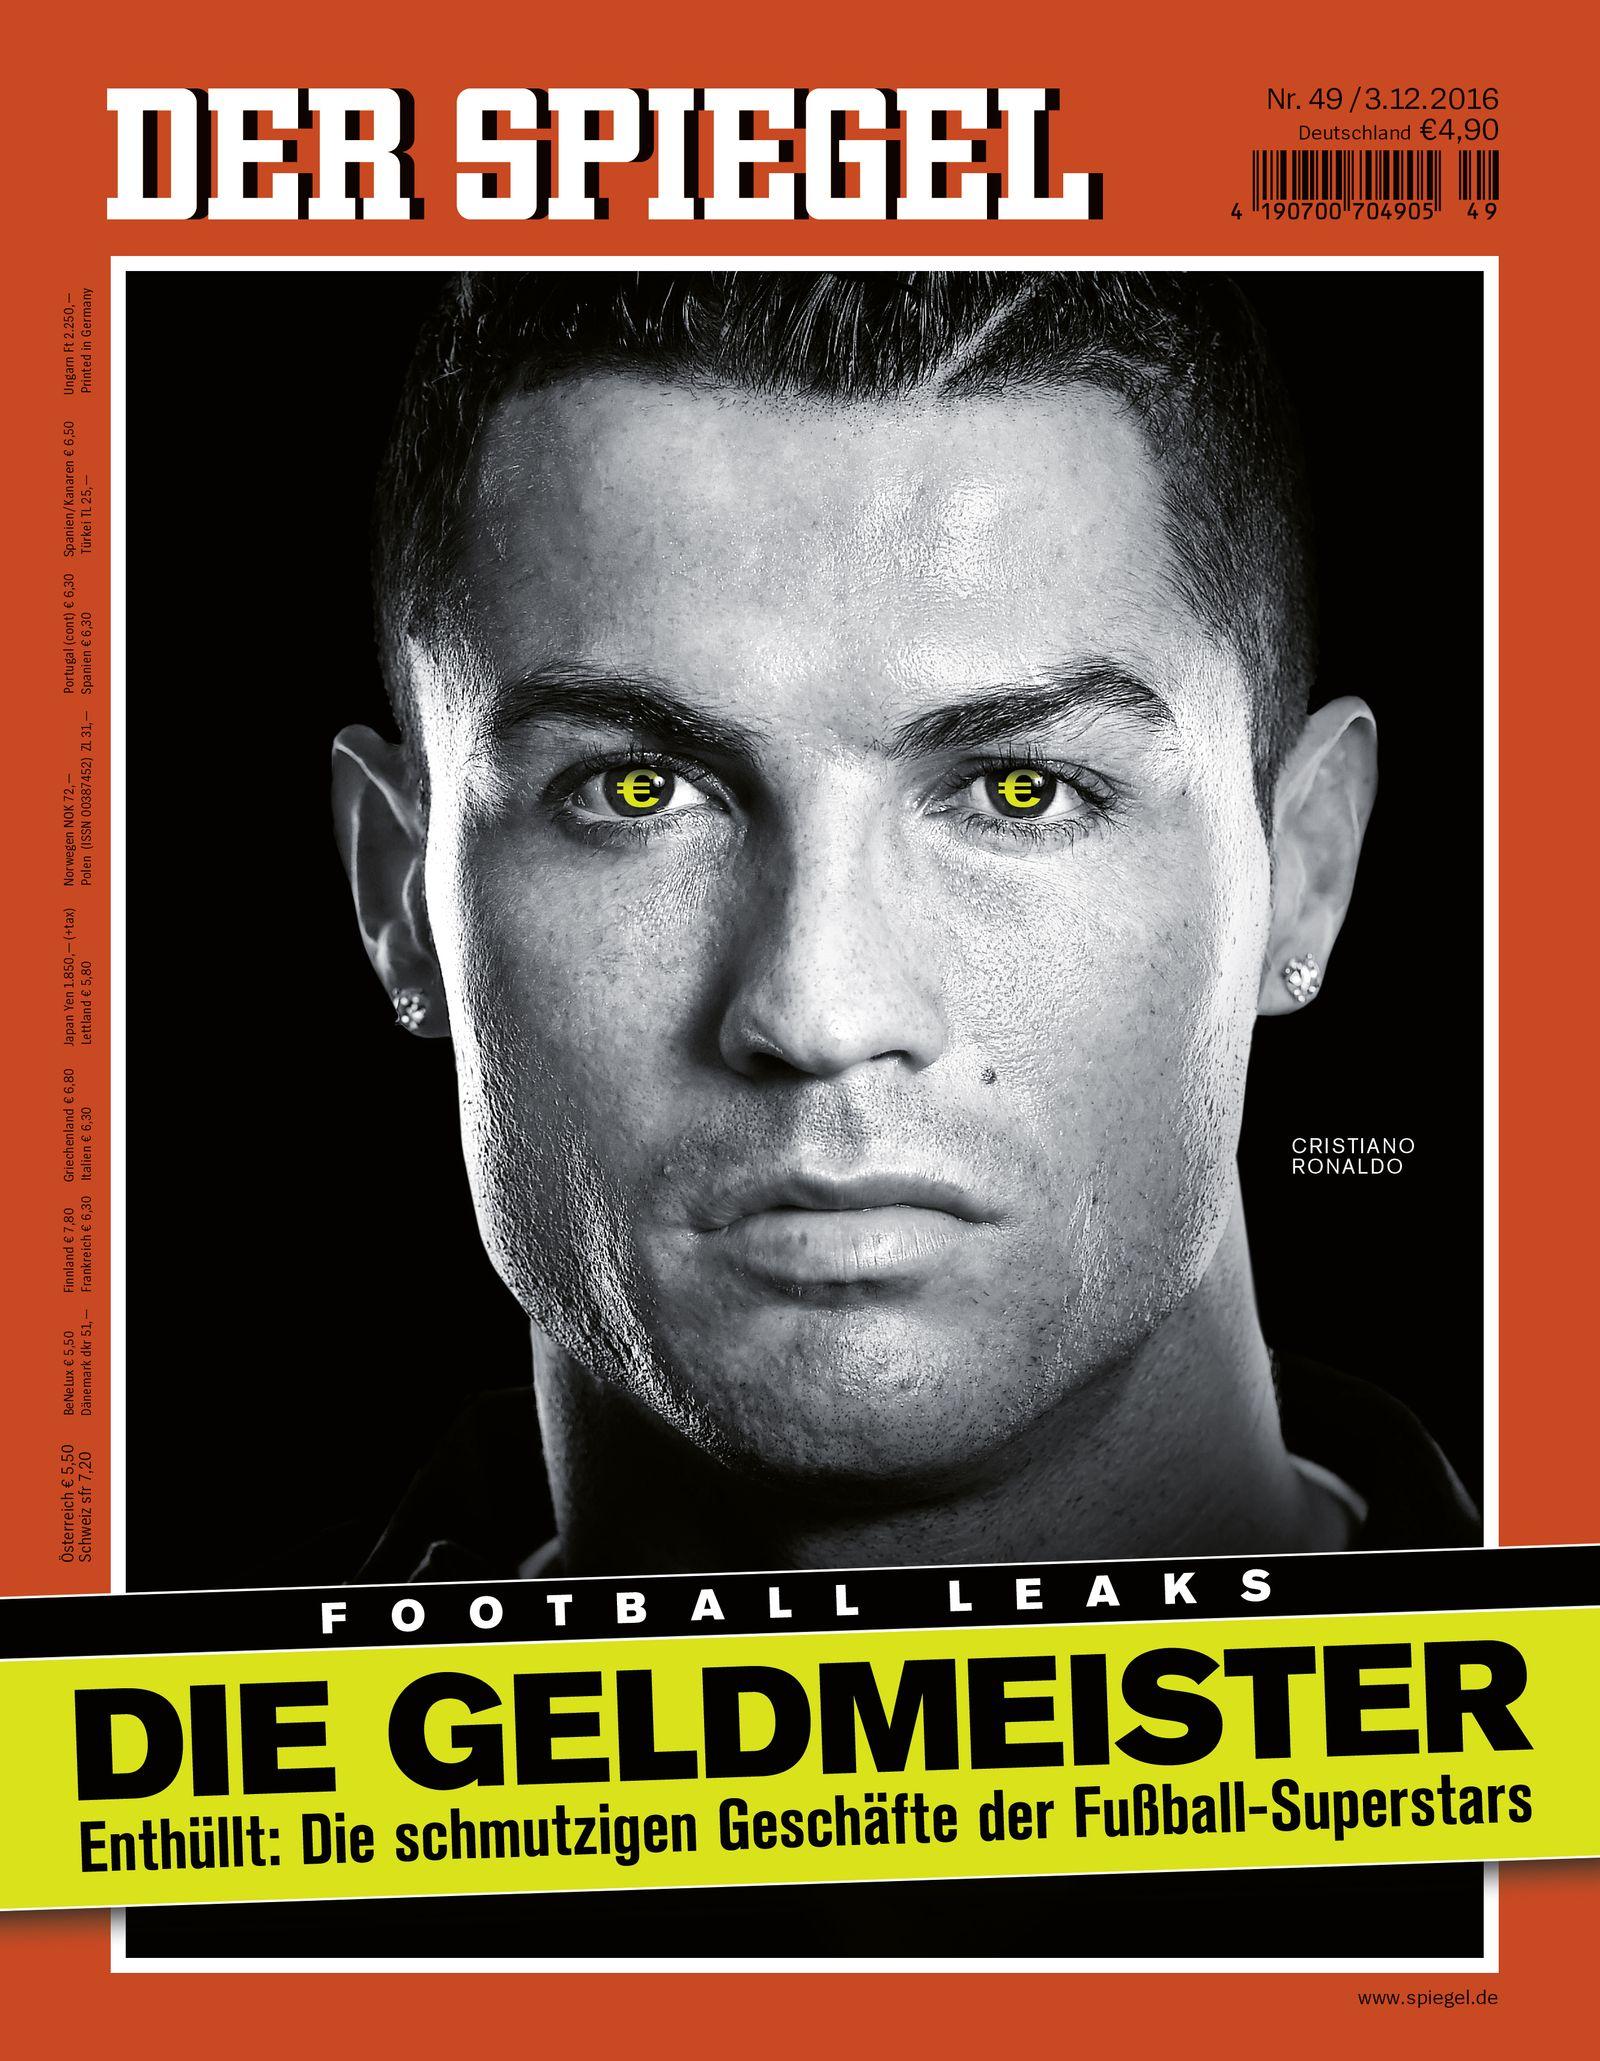 DER SPIEGEL 49/2016 Cover Titelbild Ronaldo